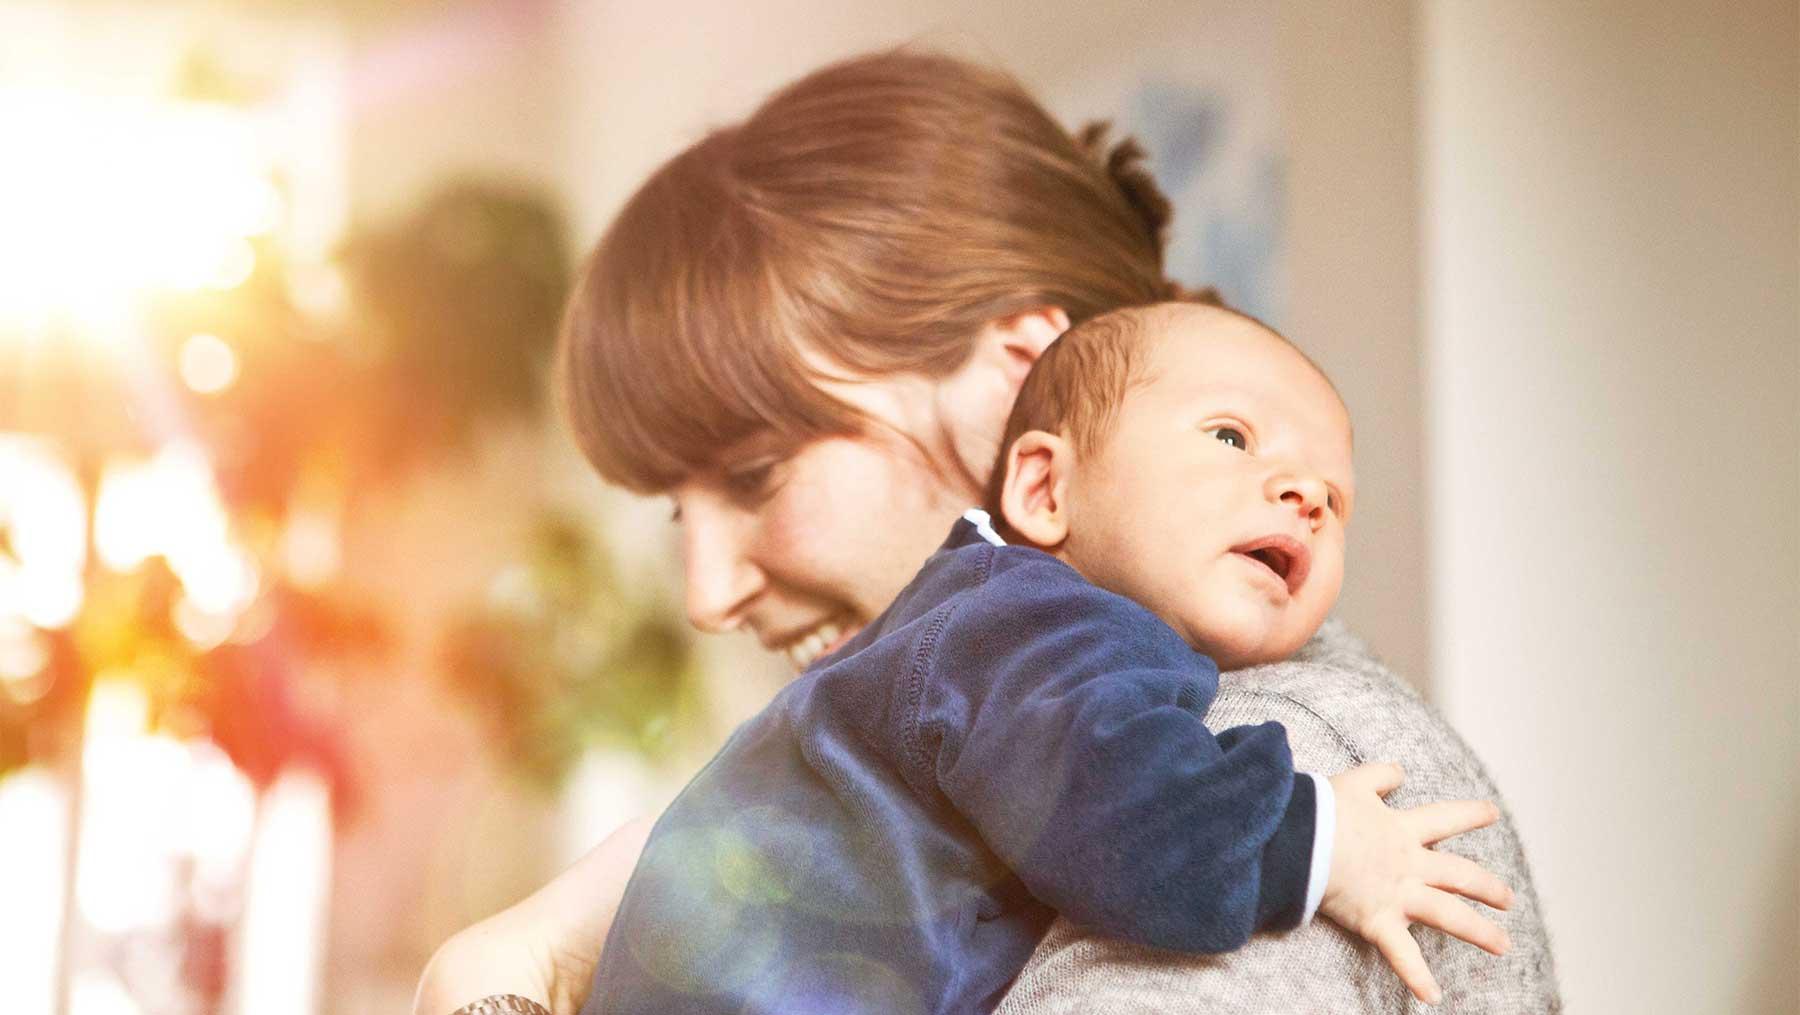 Eine Mutter hält ihren Neugeborenen auf dem Arm.